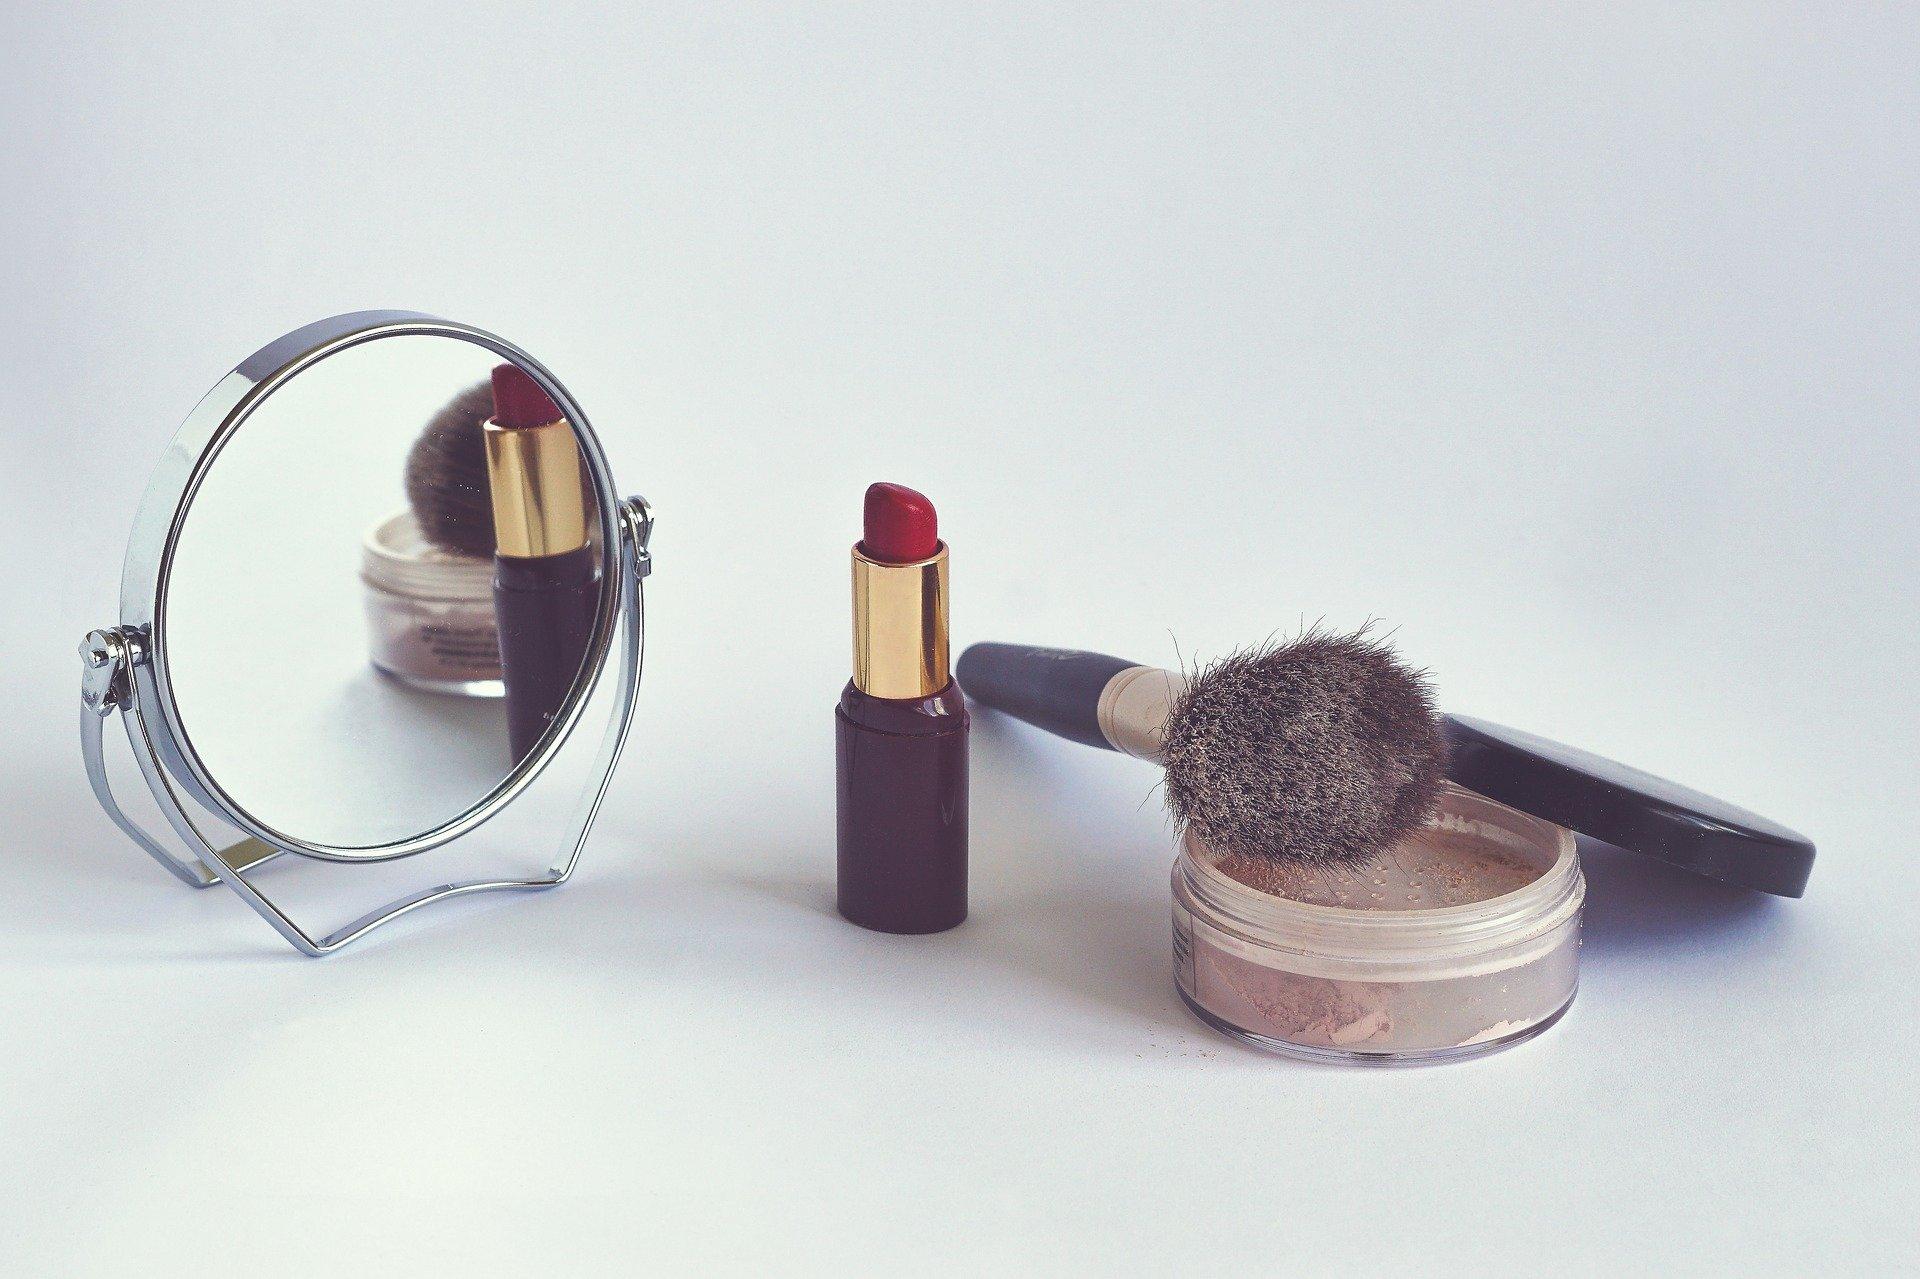 Как косметологу продавать дороже_2